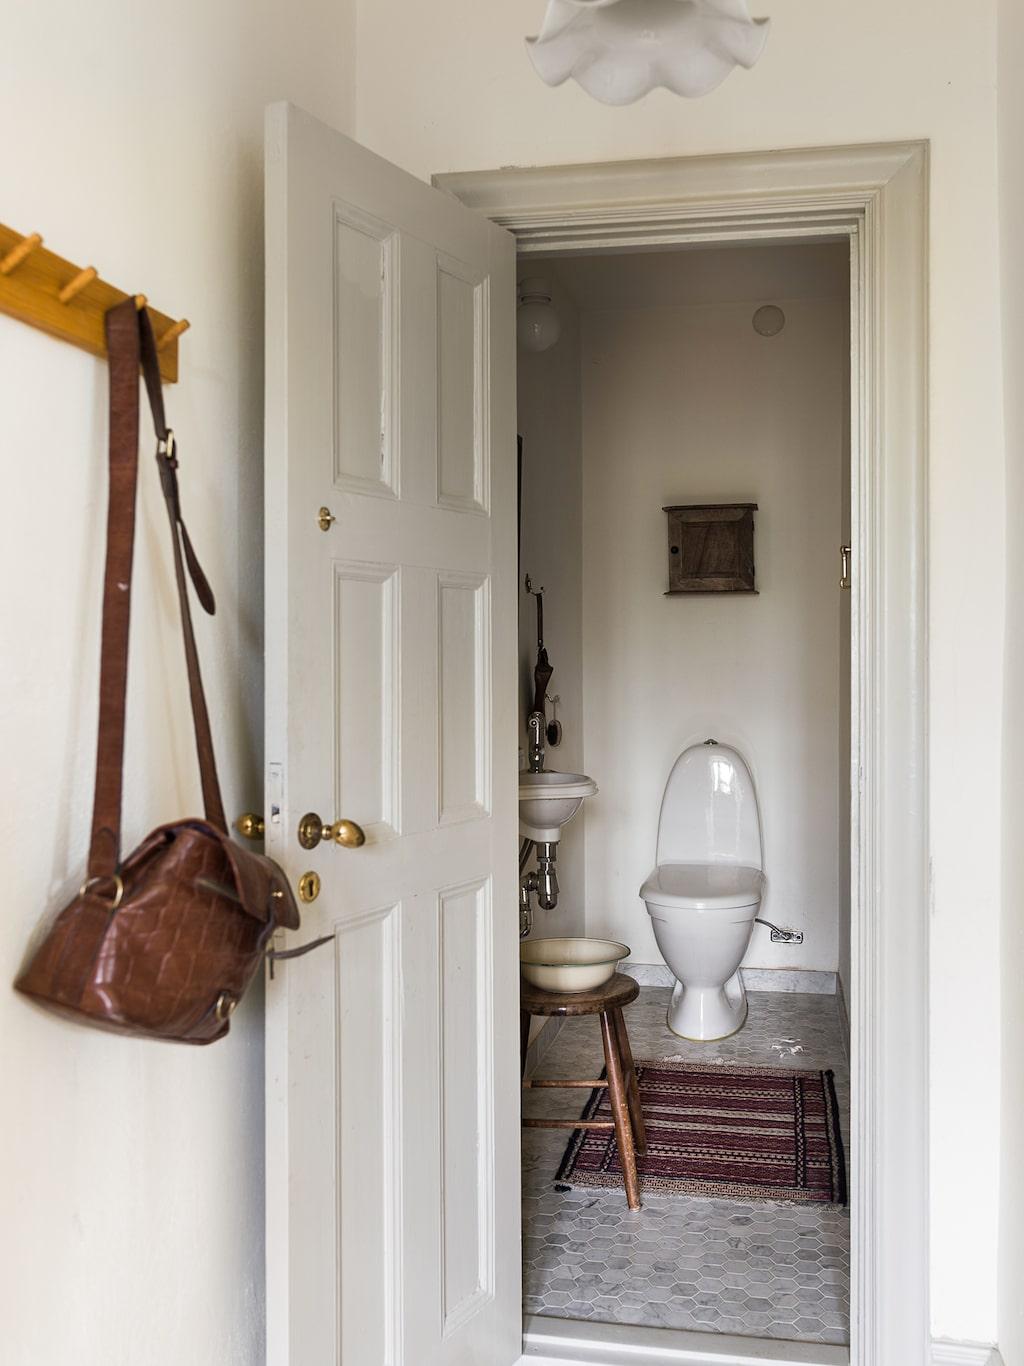 I badrummet finns en kommod från ett pottskåp från mitten av 1800-talet.